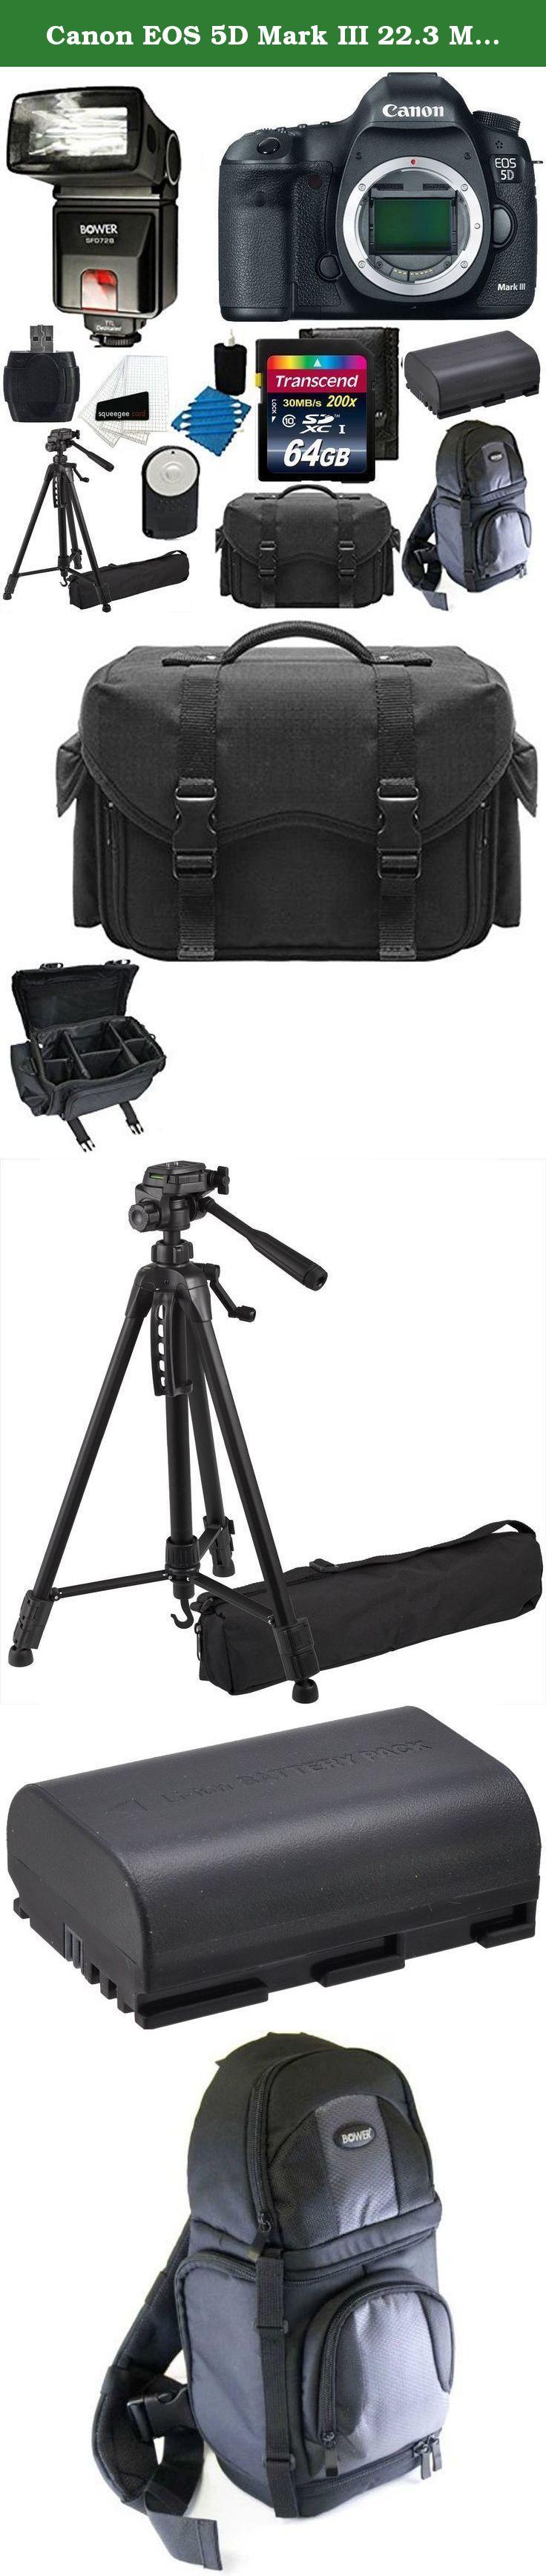 Canon EOS 5D Mark III 22.3 MP Full Frame CMOS with 1080p Full-HD ...